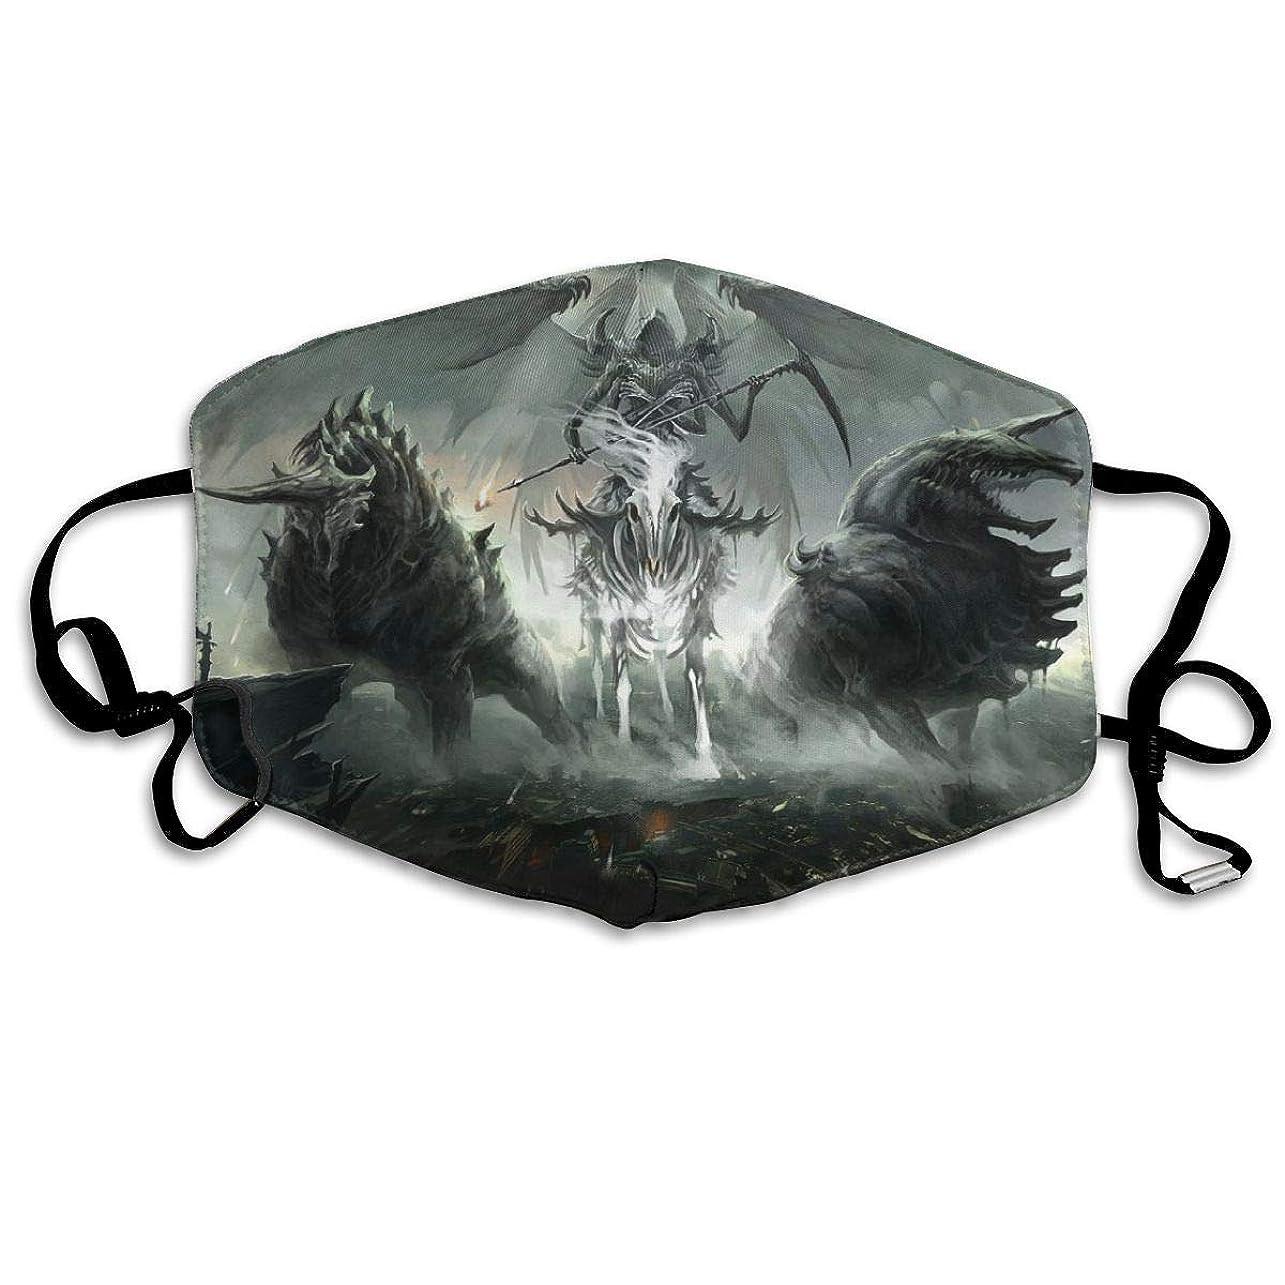 不健康配当ましいマスク 恐竜64 立体構造マスク ファッションスタイル マスク ほこり対応マスク 調整可能 肌荒れしない 風邪対応風邪予防 男女兼用